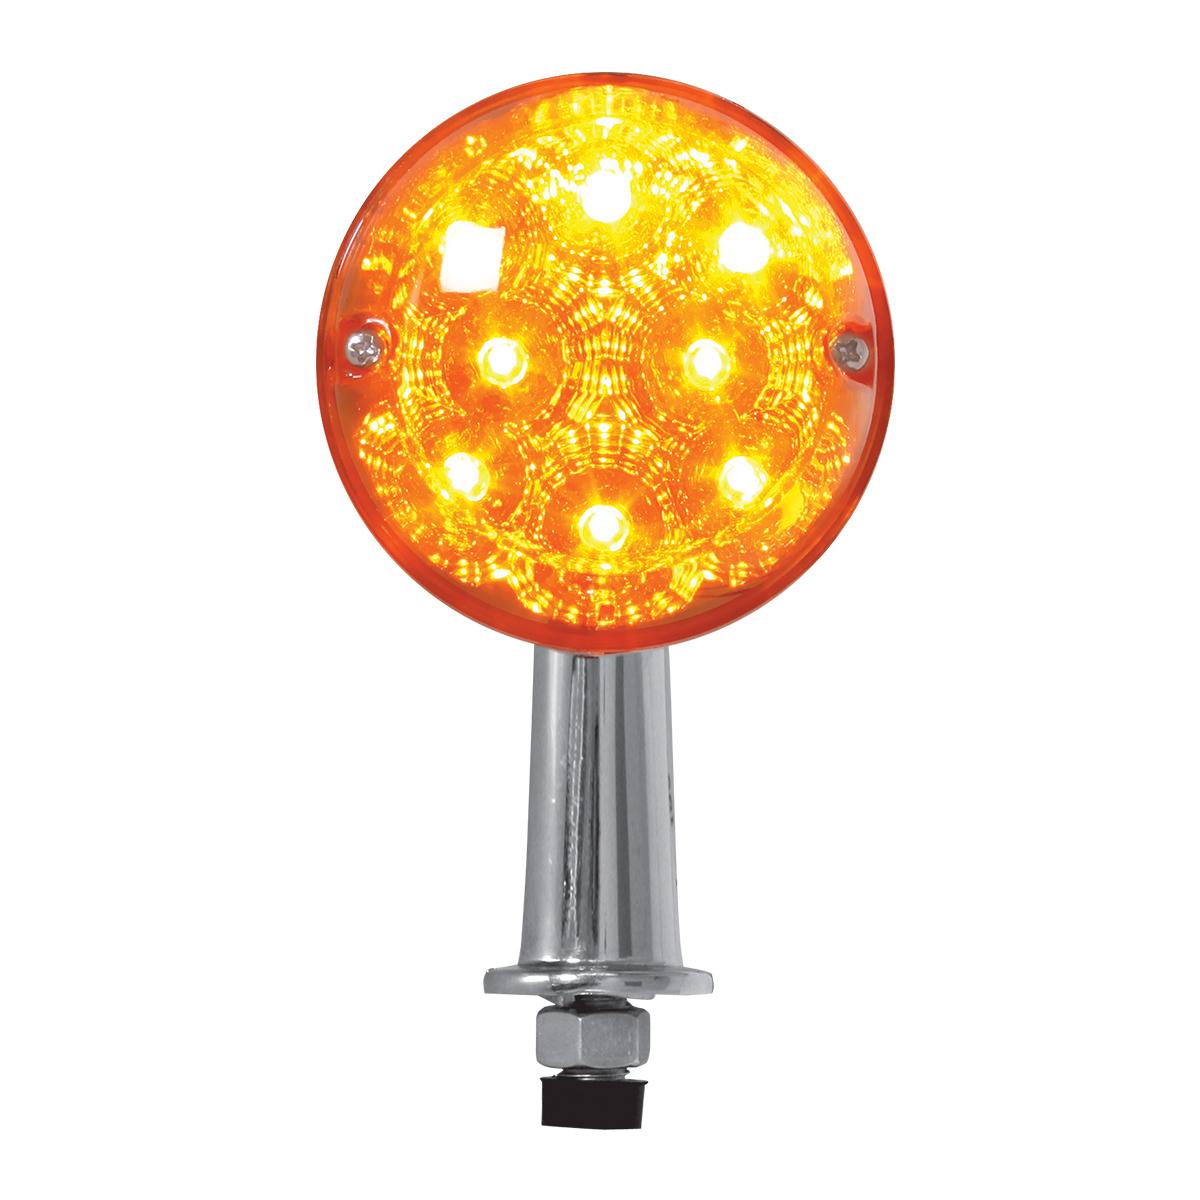 77804 Single Face Honda Spyder LED Pedestal Light in Amber/Amber